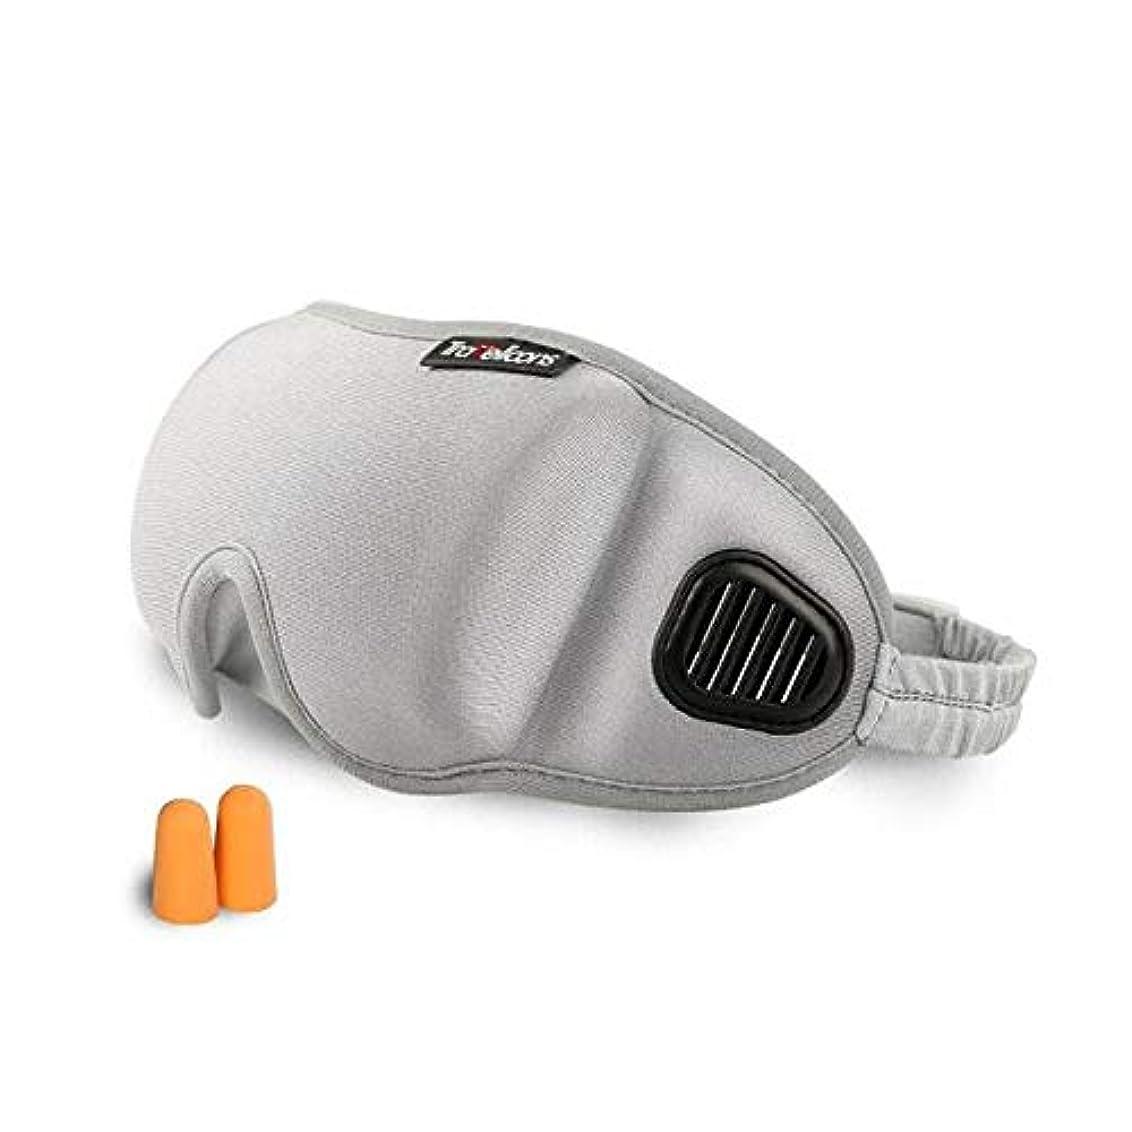 応用アベニュー以来HUICHEN 睡眠ゴーグルユニセックスゴーグル昼寝睡眠ケアを遮光ゴーグル通気性の3Dゴーグルゴーグル耳栓 (Color : Gray)